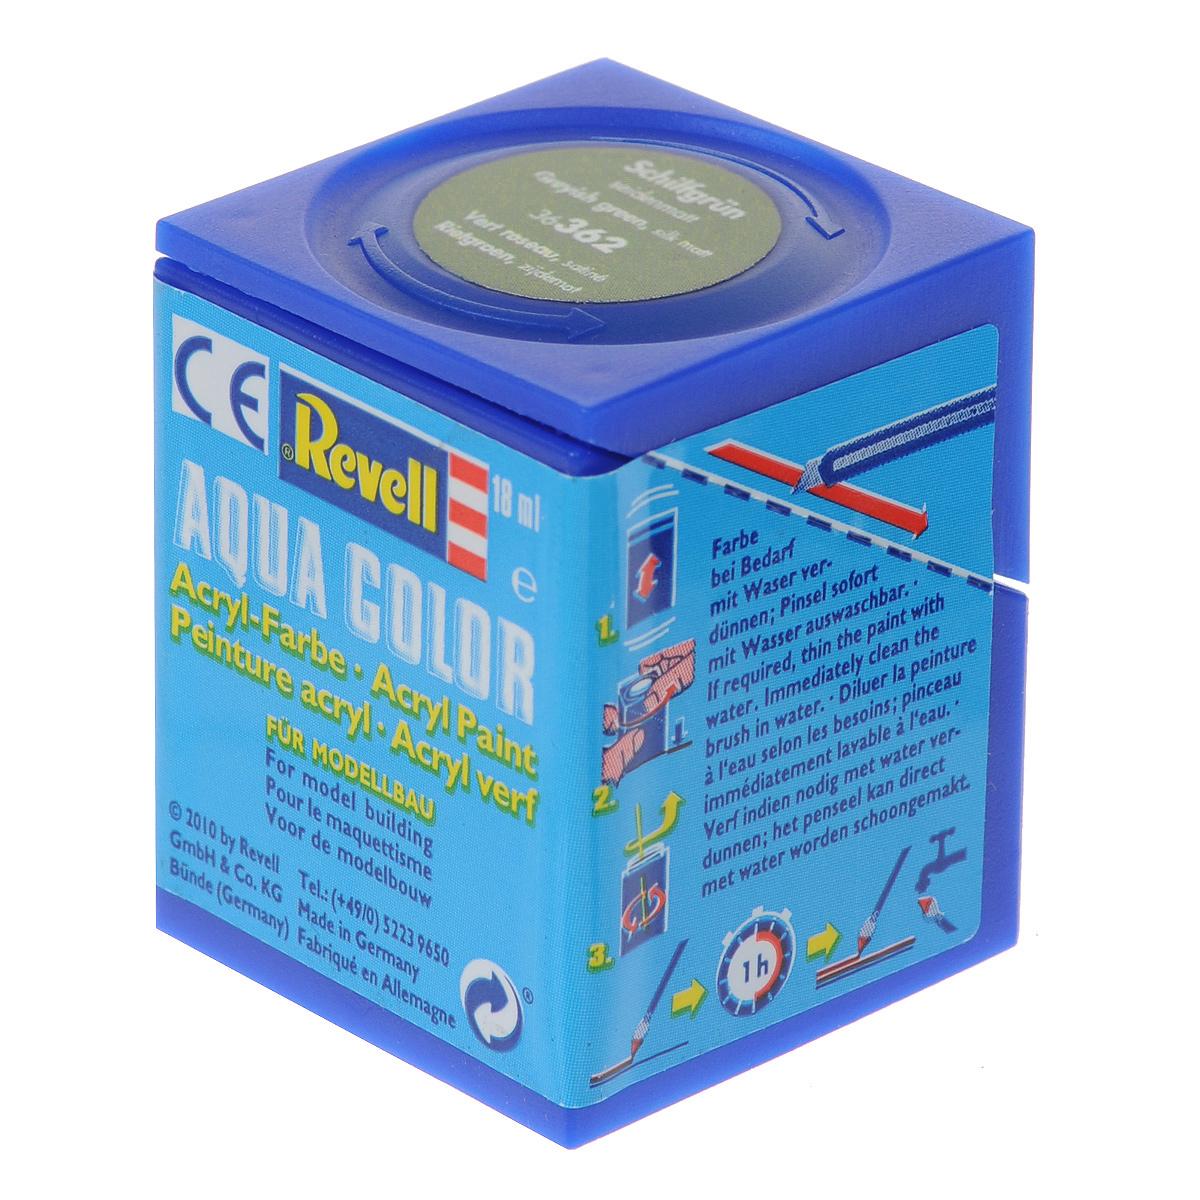 Revell Аква-краска шелково-матовая цвет серо-зеленый 18 мл36362Краски для моделей Revell - это высококачественный материал для покраски ваших моделей. Данная краска служит для окрашивания пластиковых поверхностей сборных моделей Revell. В баночке содержится 18 мл шелково-матовой краски. В случае необходимости различные оттенки эмали могут быть смешаны друг с другом, для разбавления используется Revell Color Mix.